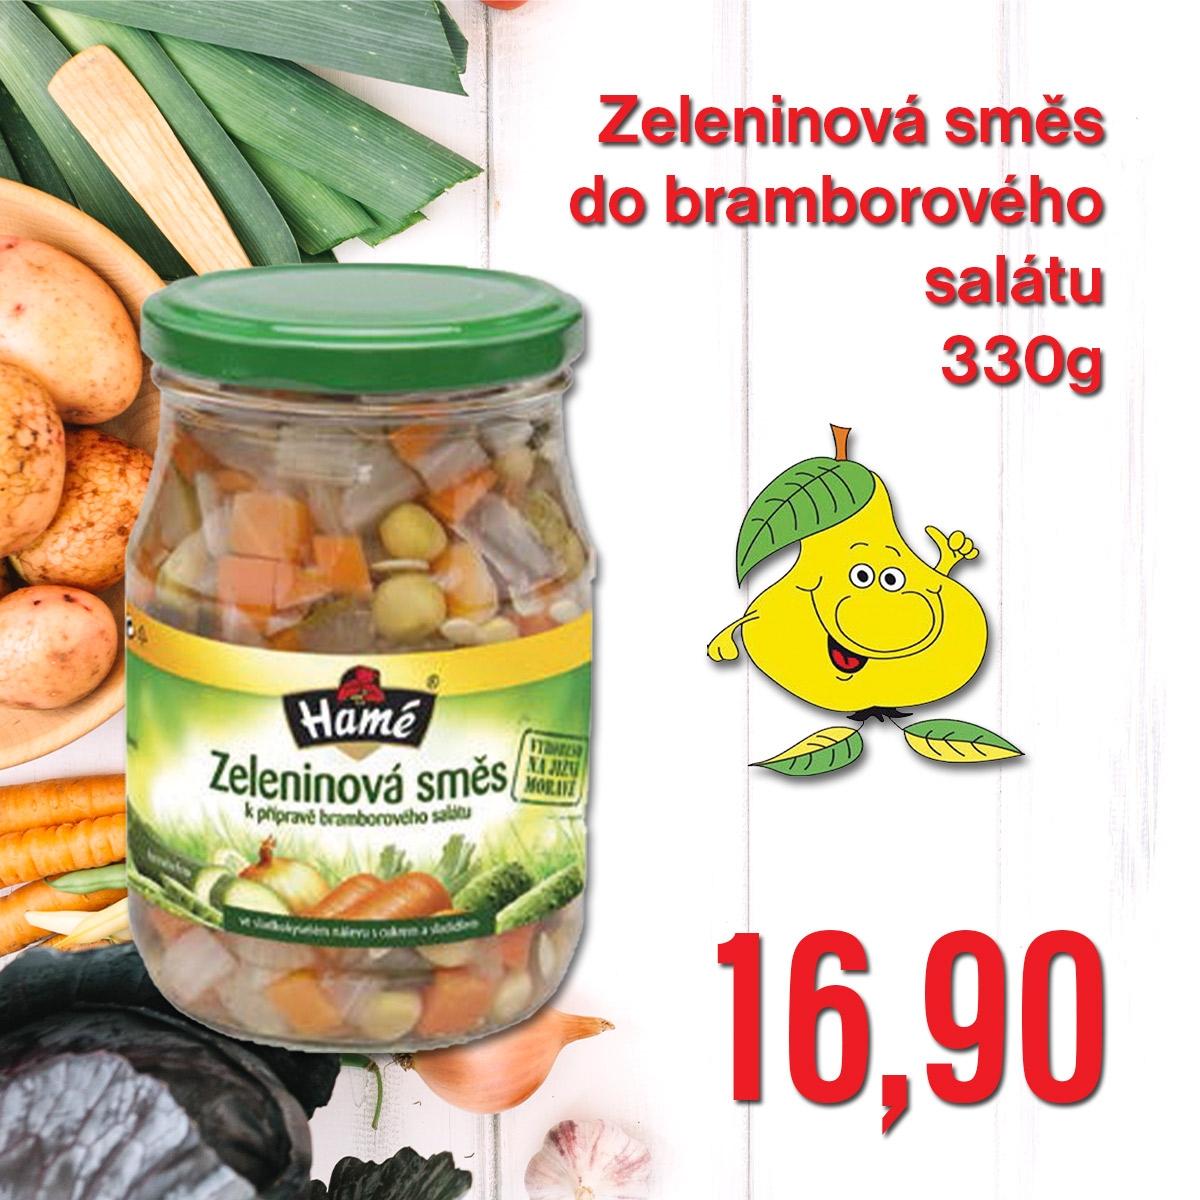 Zeleninová směs do bramborového salátu 330 g